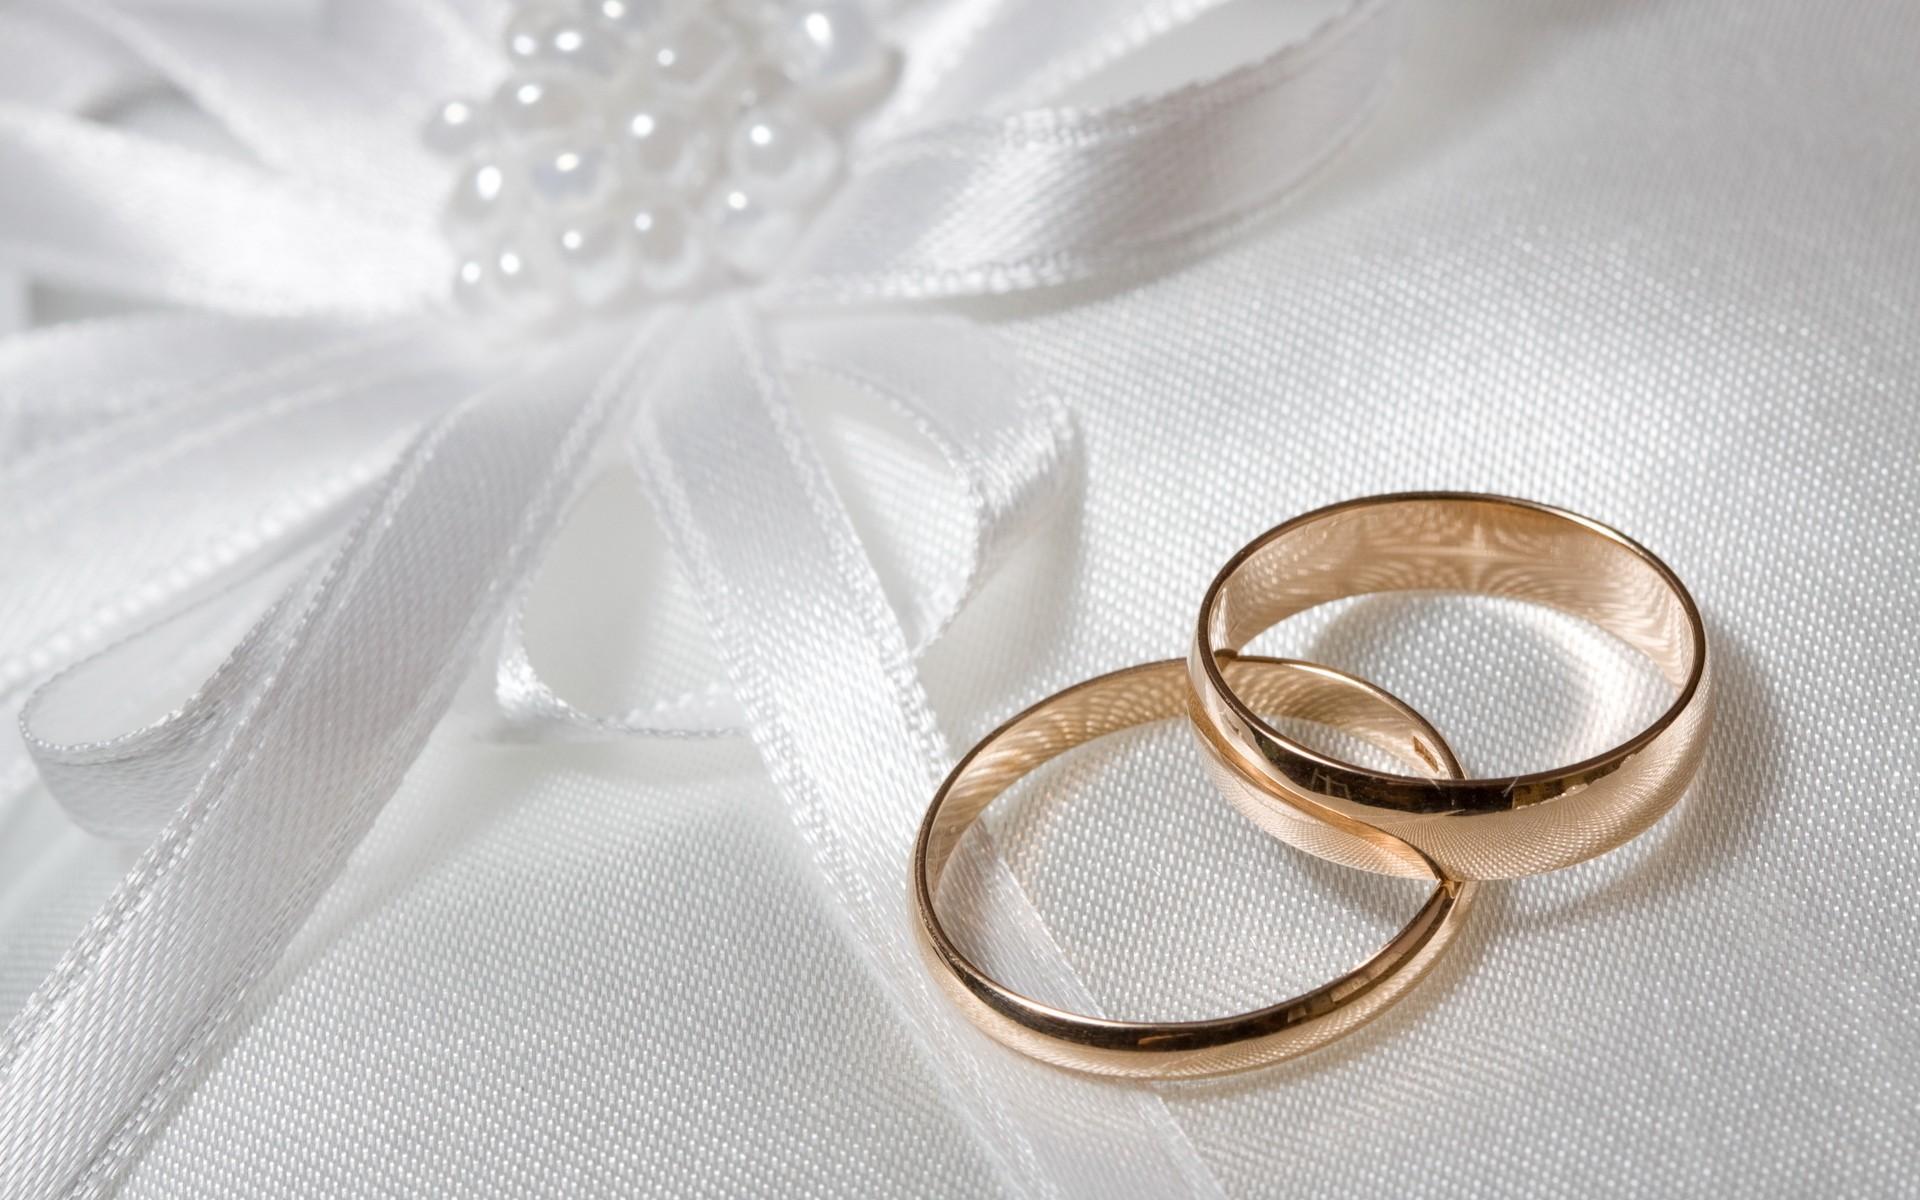 Открытки, открытки кольцо обручальное